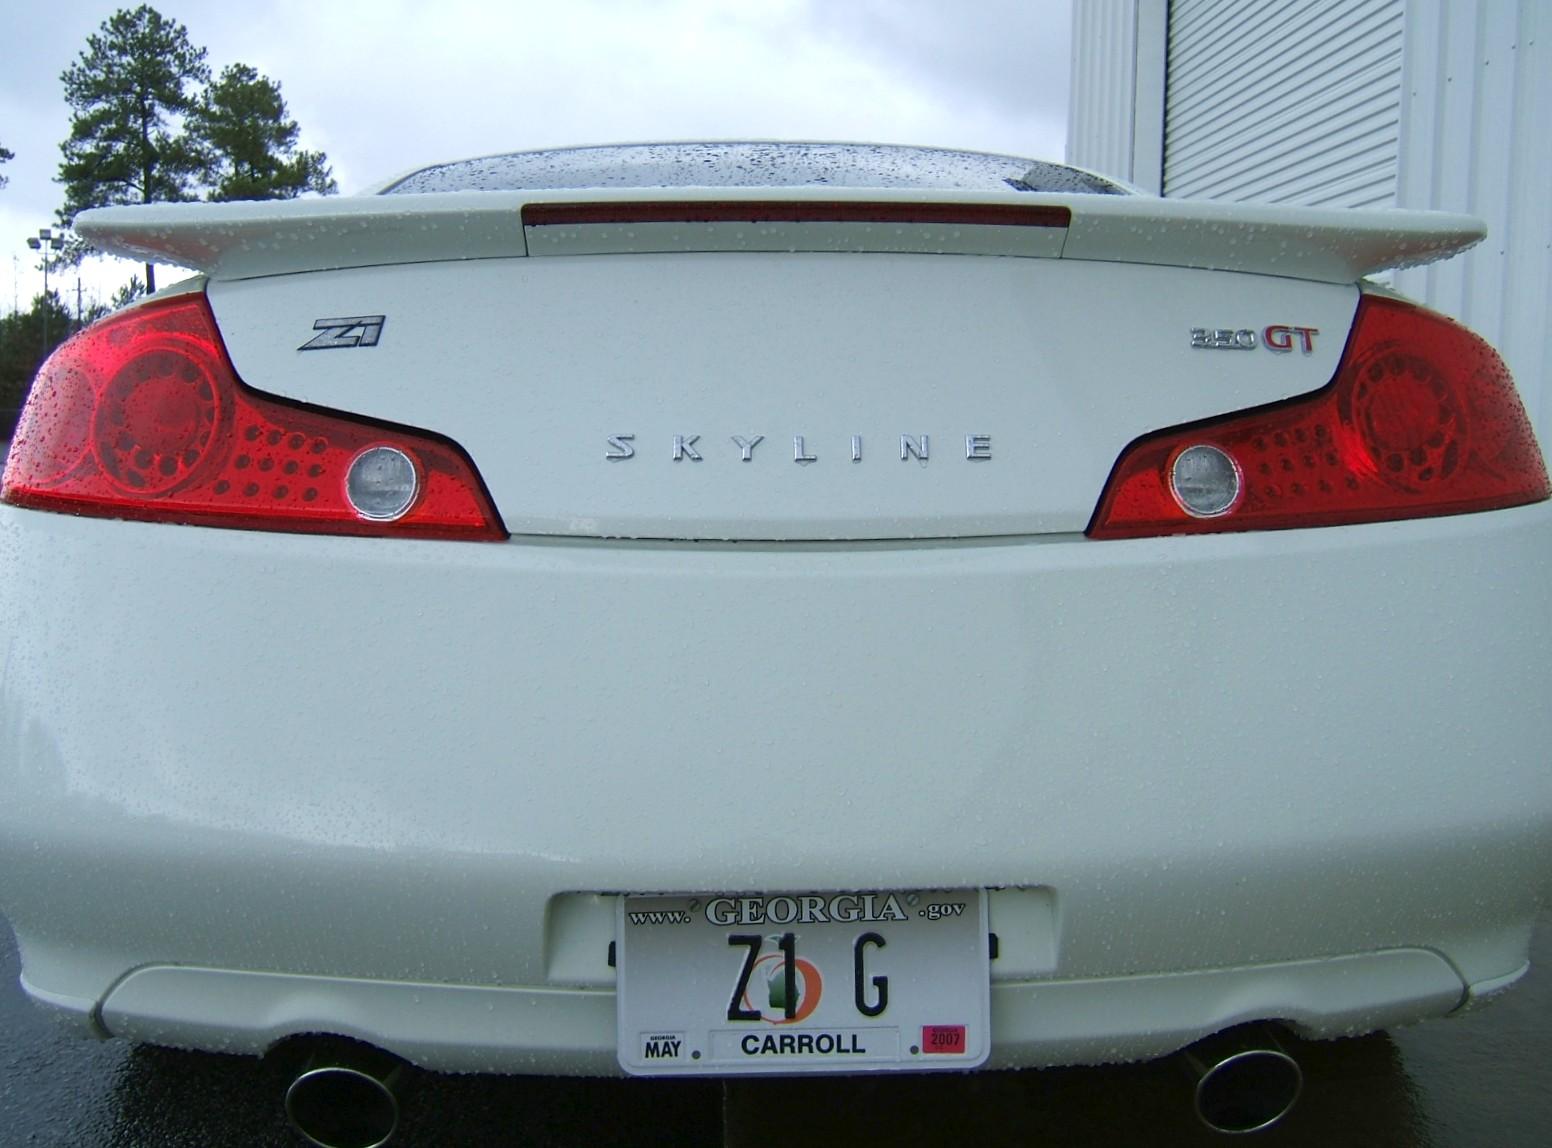 G35/V35 Skyline Coupe Rear Emblem, Z1 Motorsports